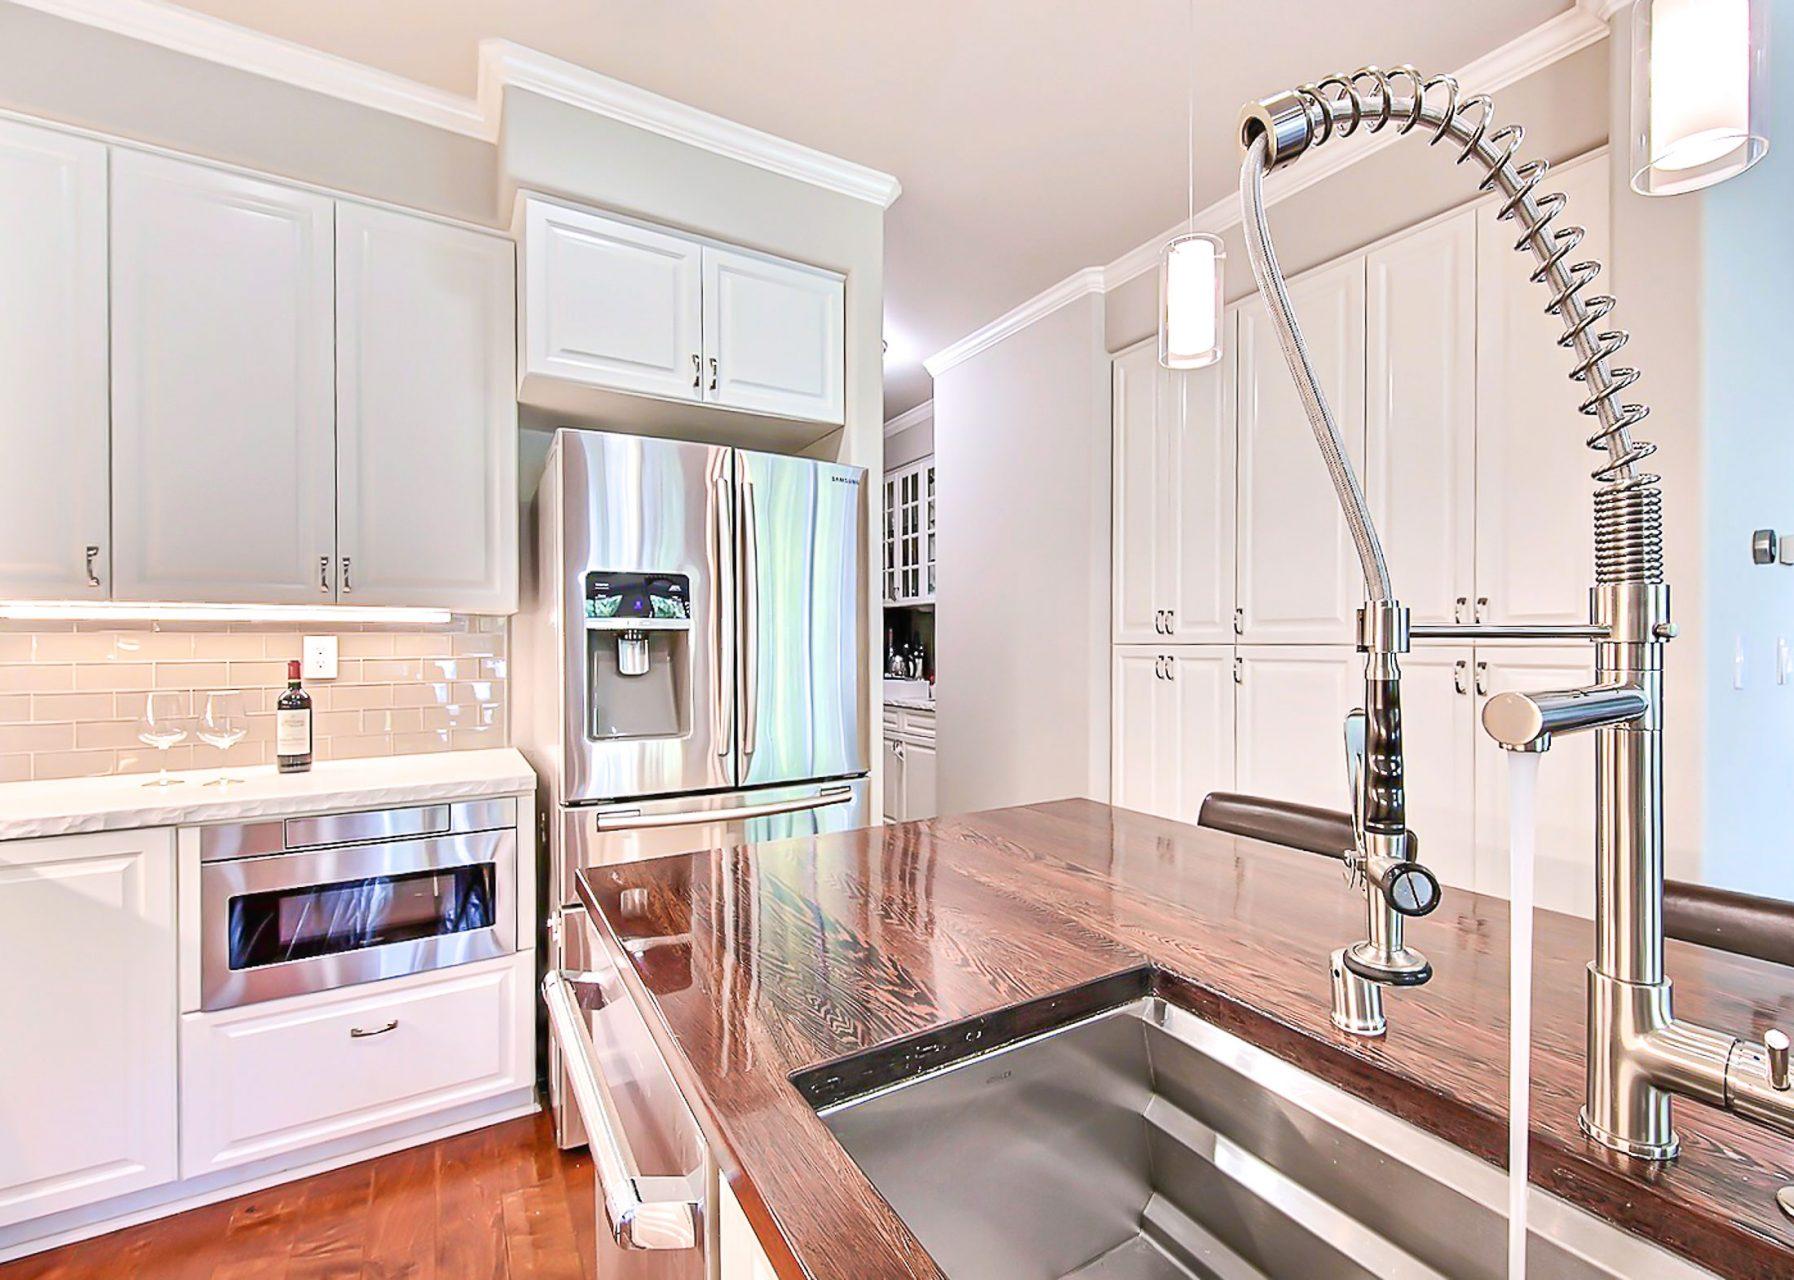 Updated kitchen sink